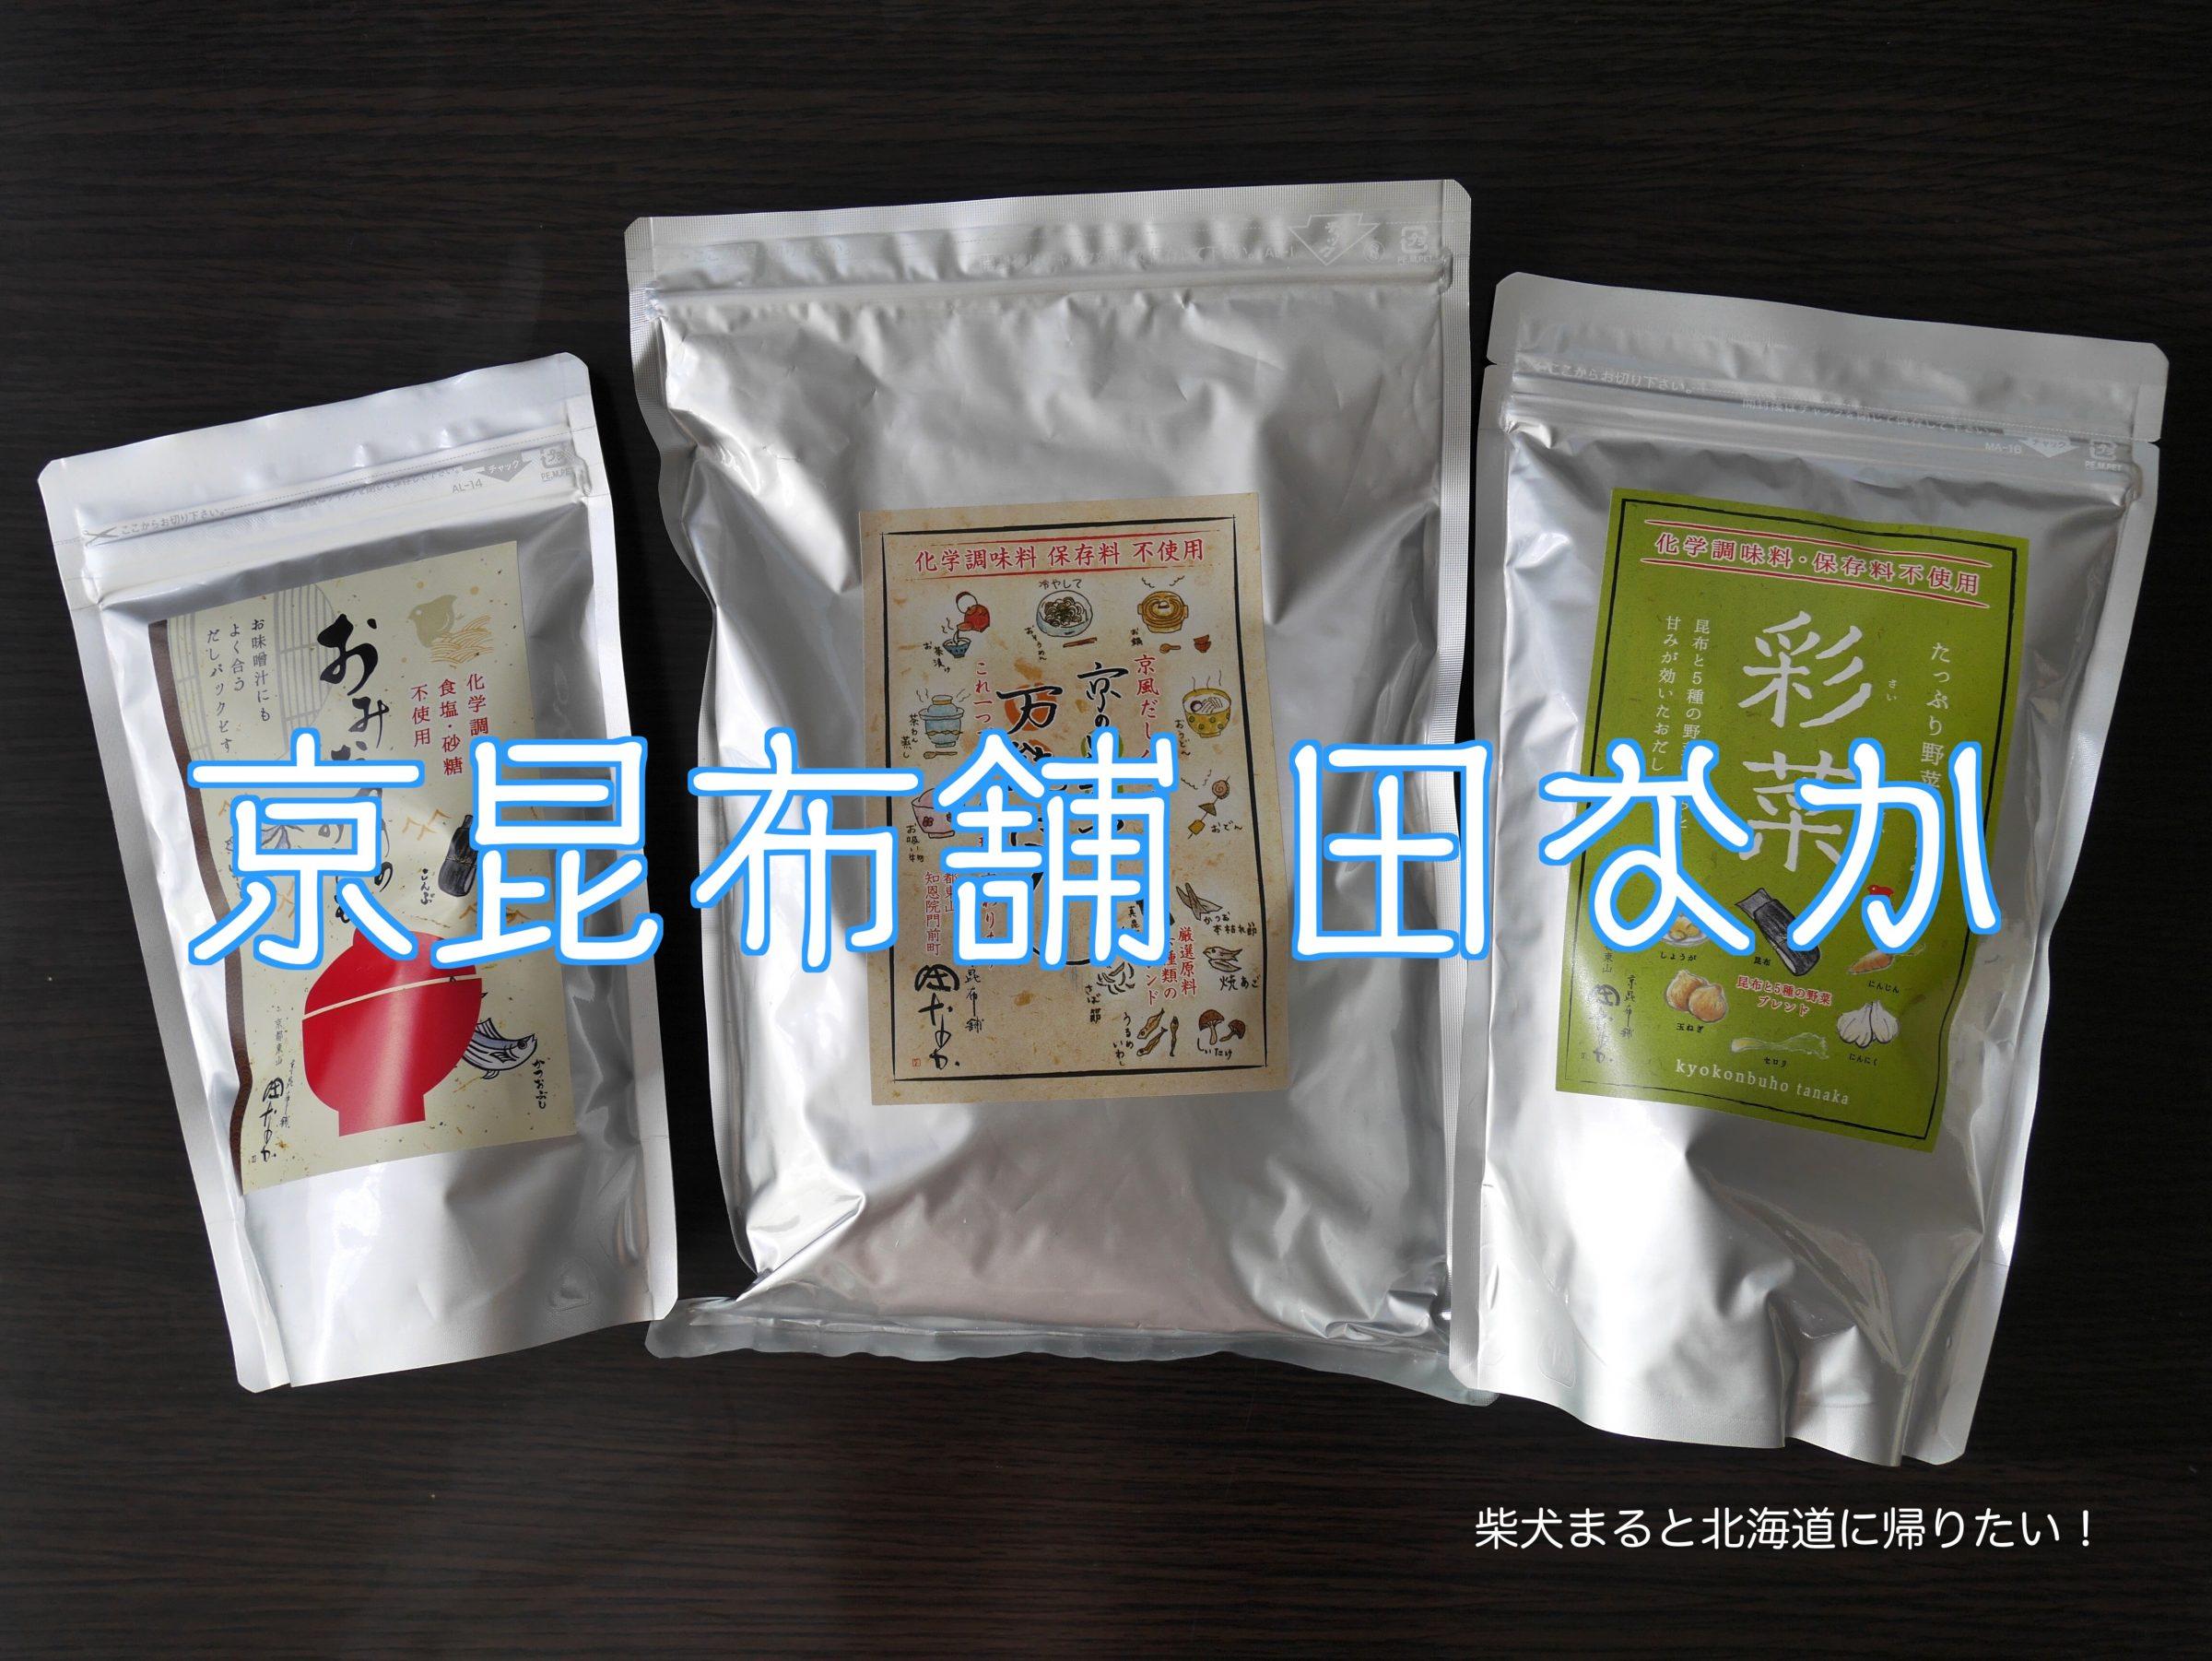 私の中の出汁パックNO.1!「京昆布舗 田なか」のお出汁にハマって2年が経ちました!